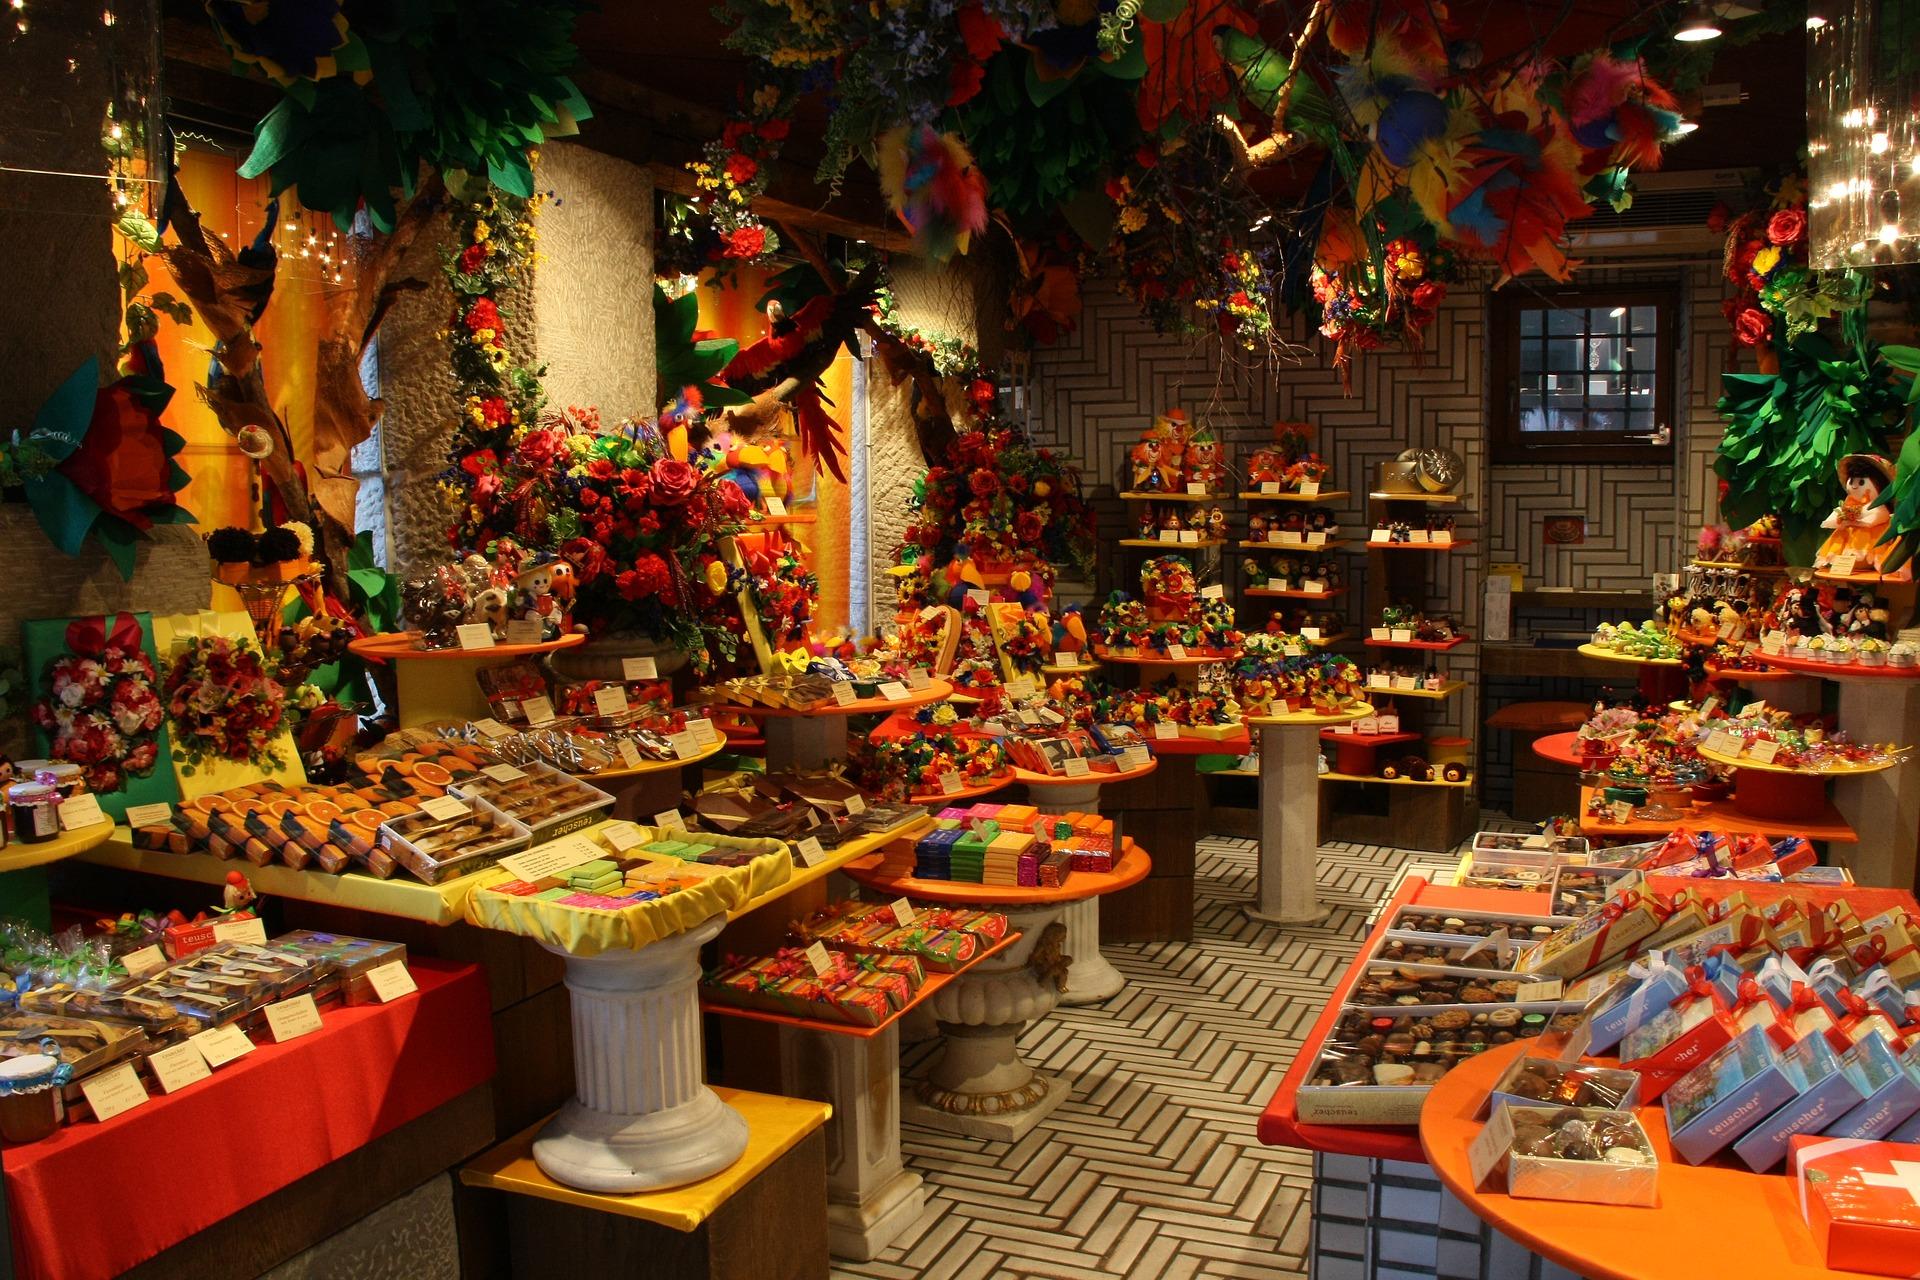 チューリッヒのバーンホフ通りにある老舗ショコラティエ店「トイシャー」 (隣にはバーバリーとウブロ、向かいにはカルティエのお店が建っています)